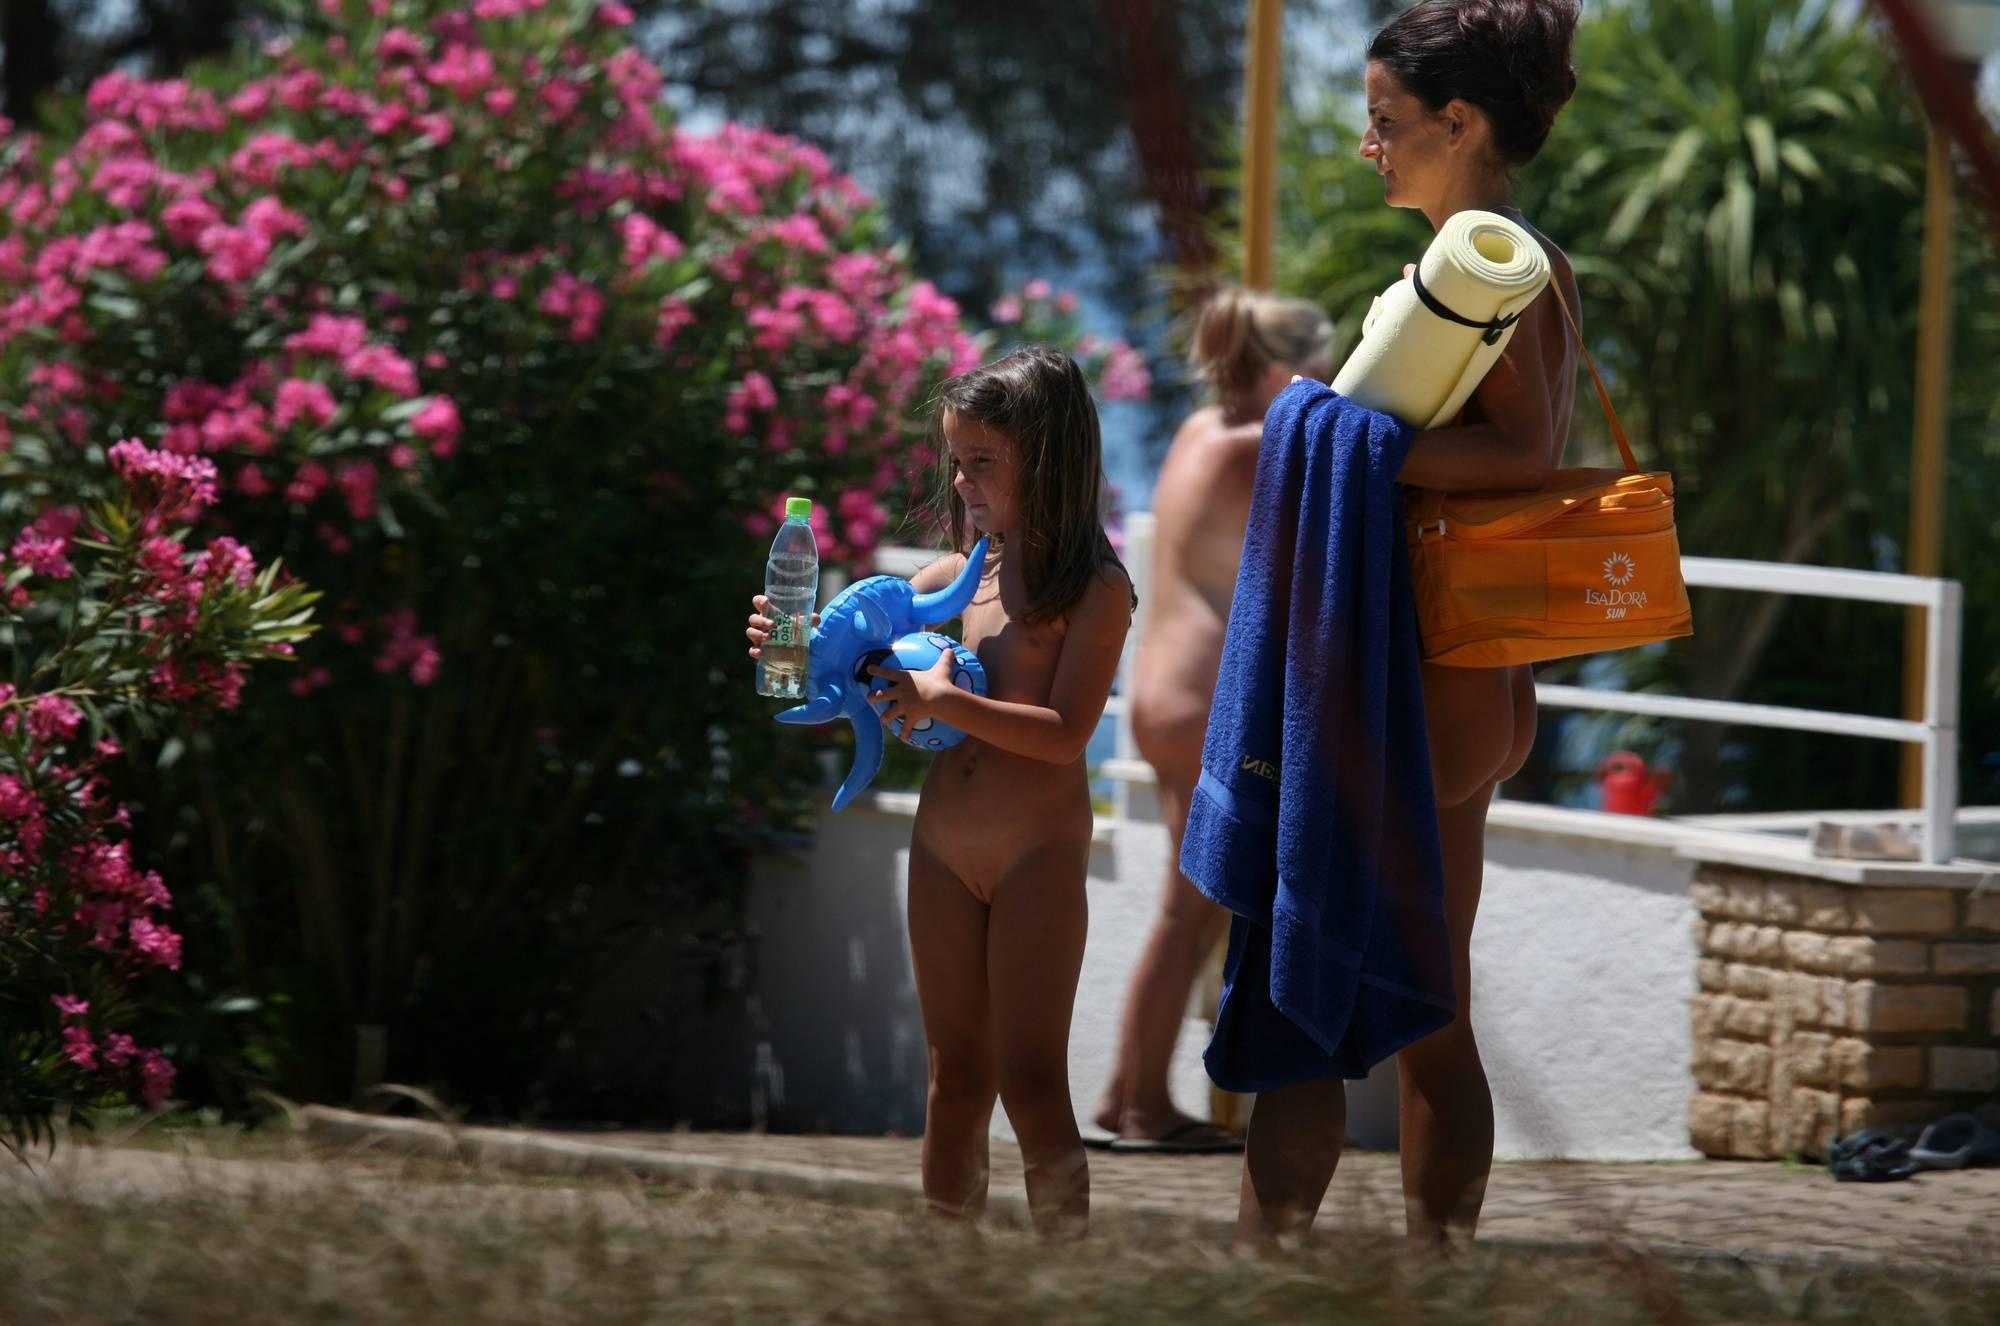 Nudist Gallery Nuda Pool Family Lifestyle - 1